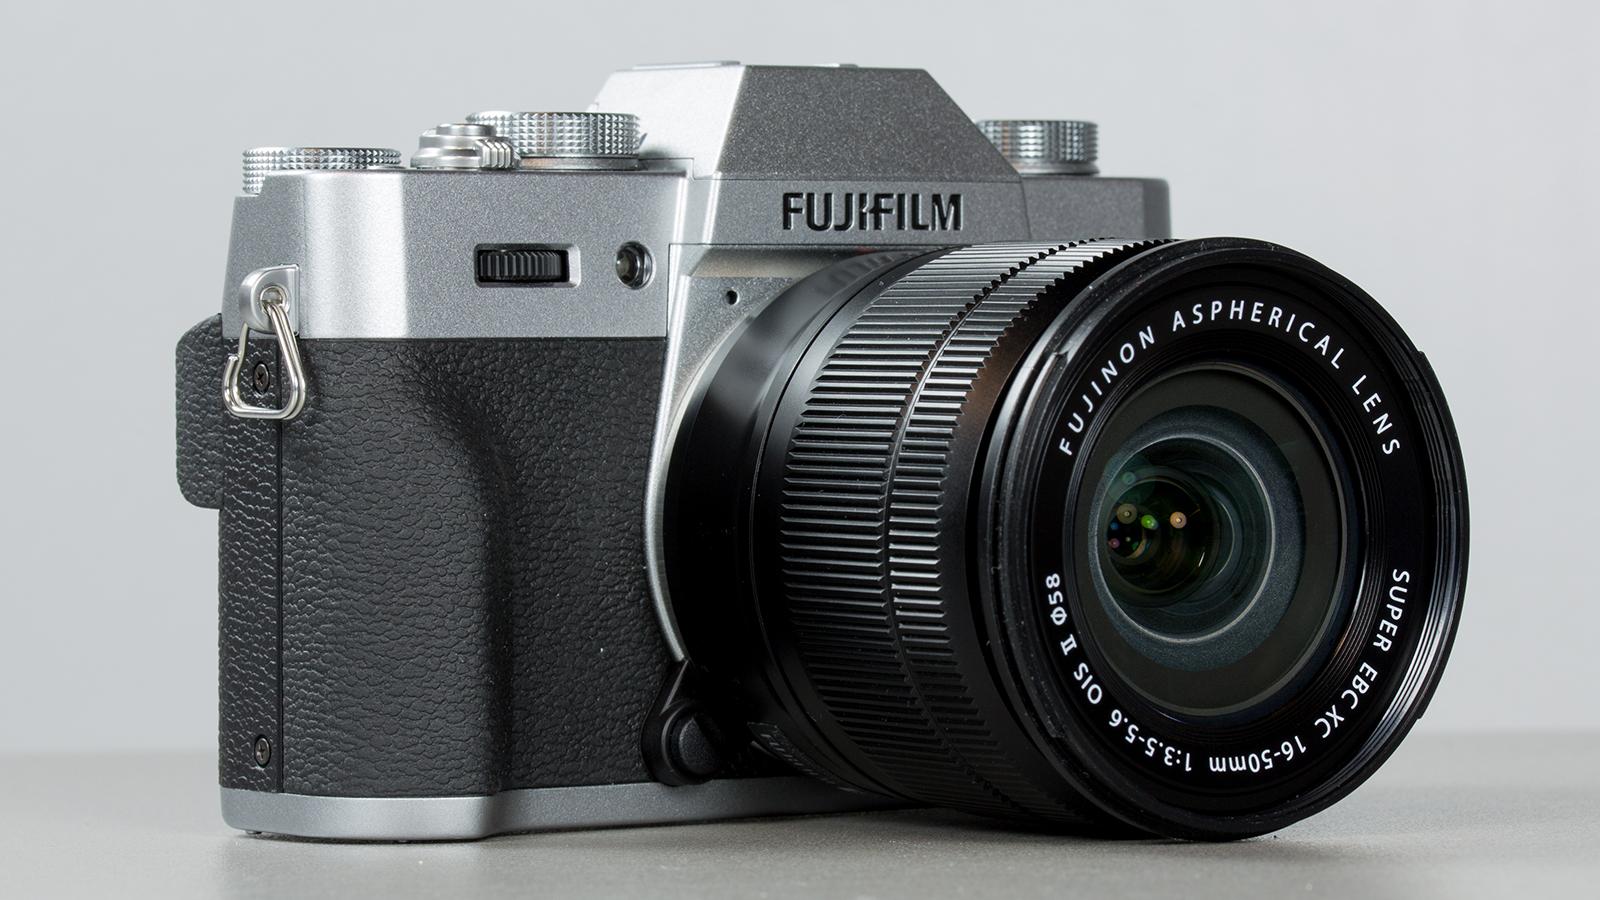 Fujifilm-X-T10-DT-012-kyhm